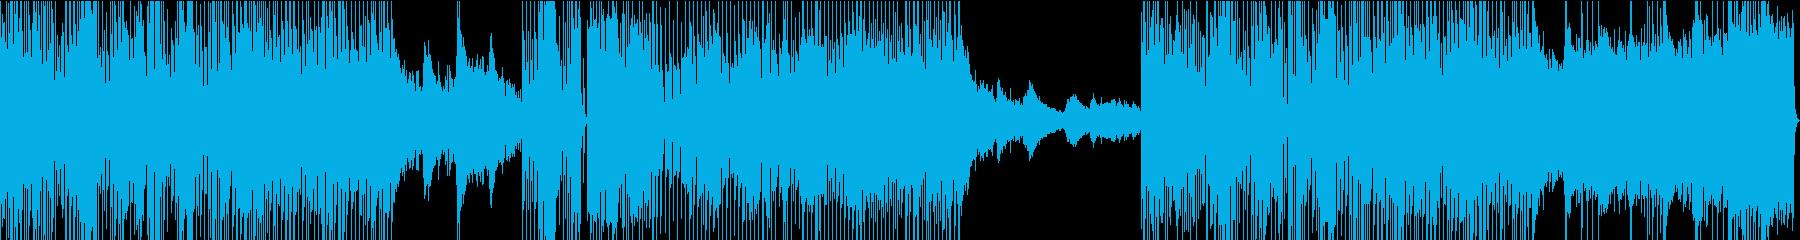 少しコミカルなマーチです。の再生済みの波形